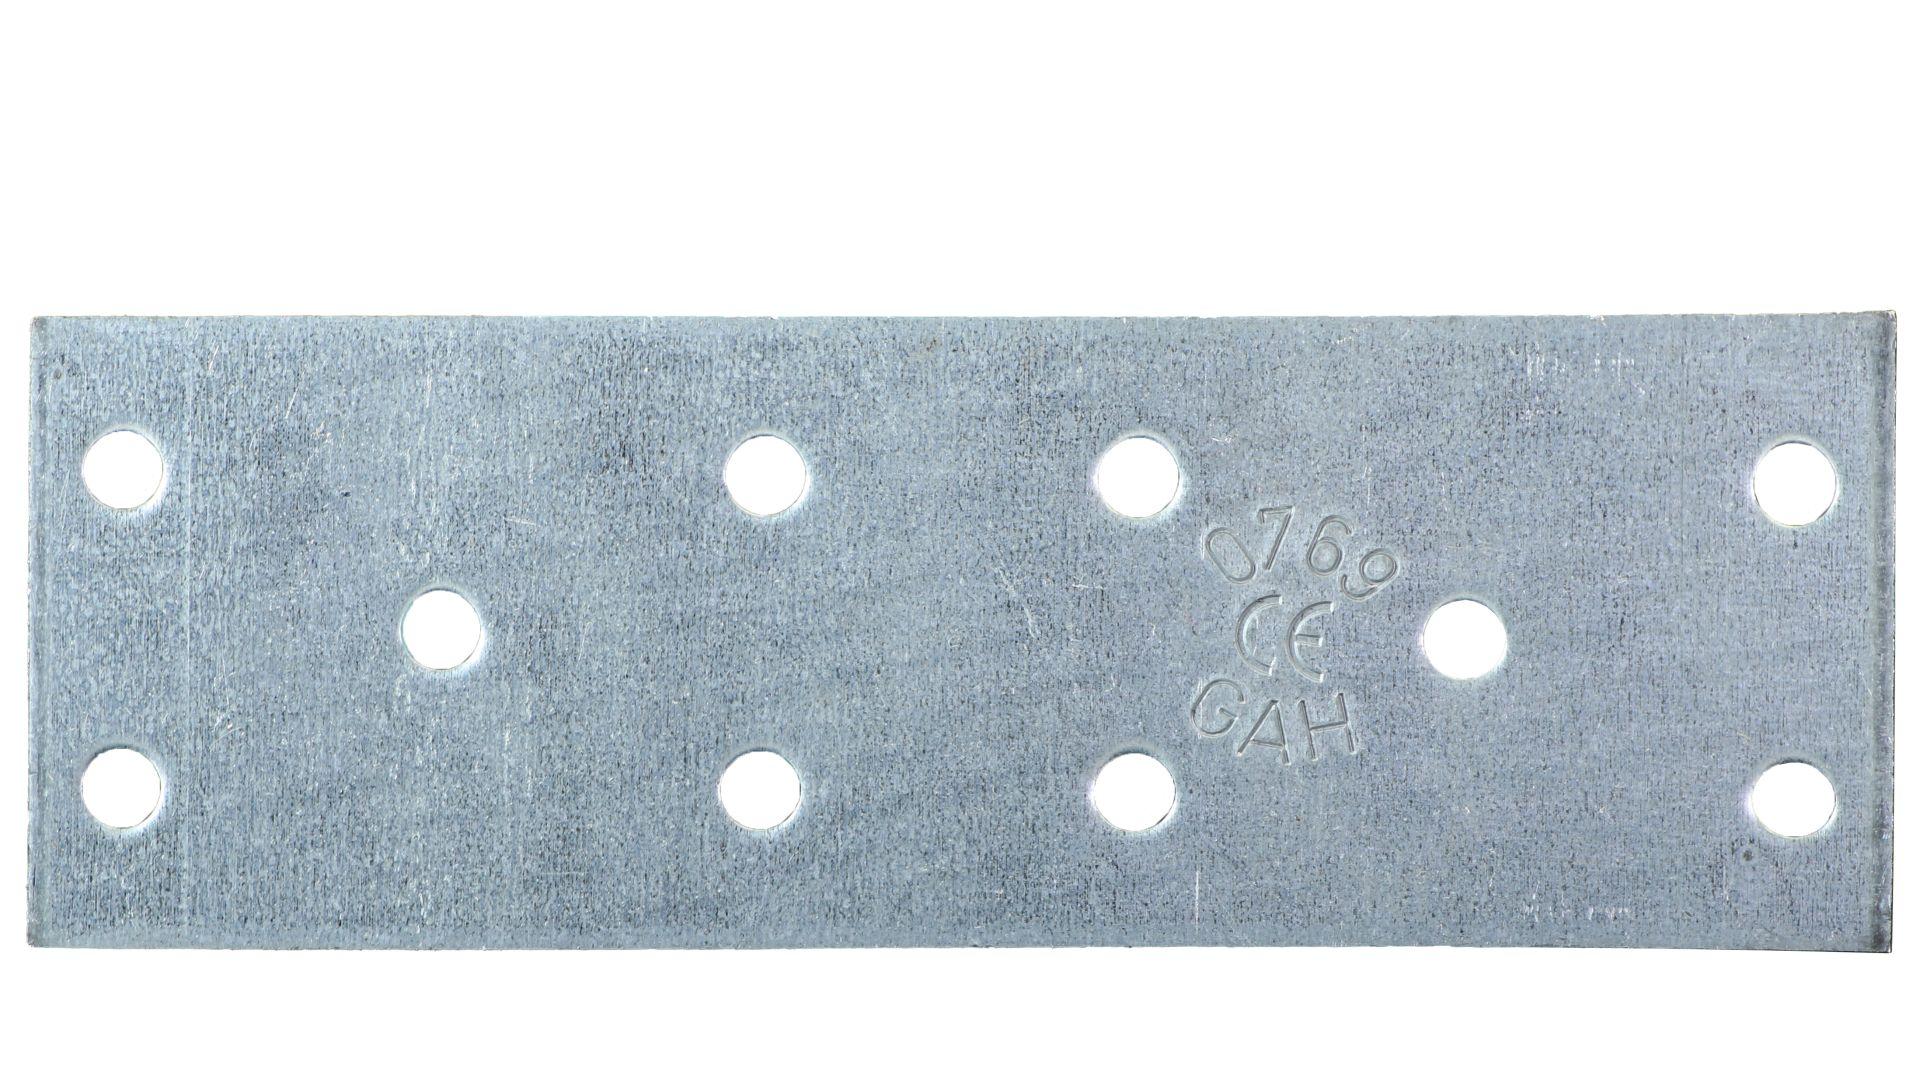 GAH Lochplatte, sendzimirverzinkt, 115 x 40 mm